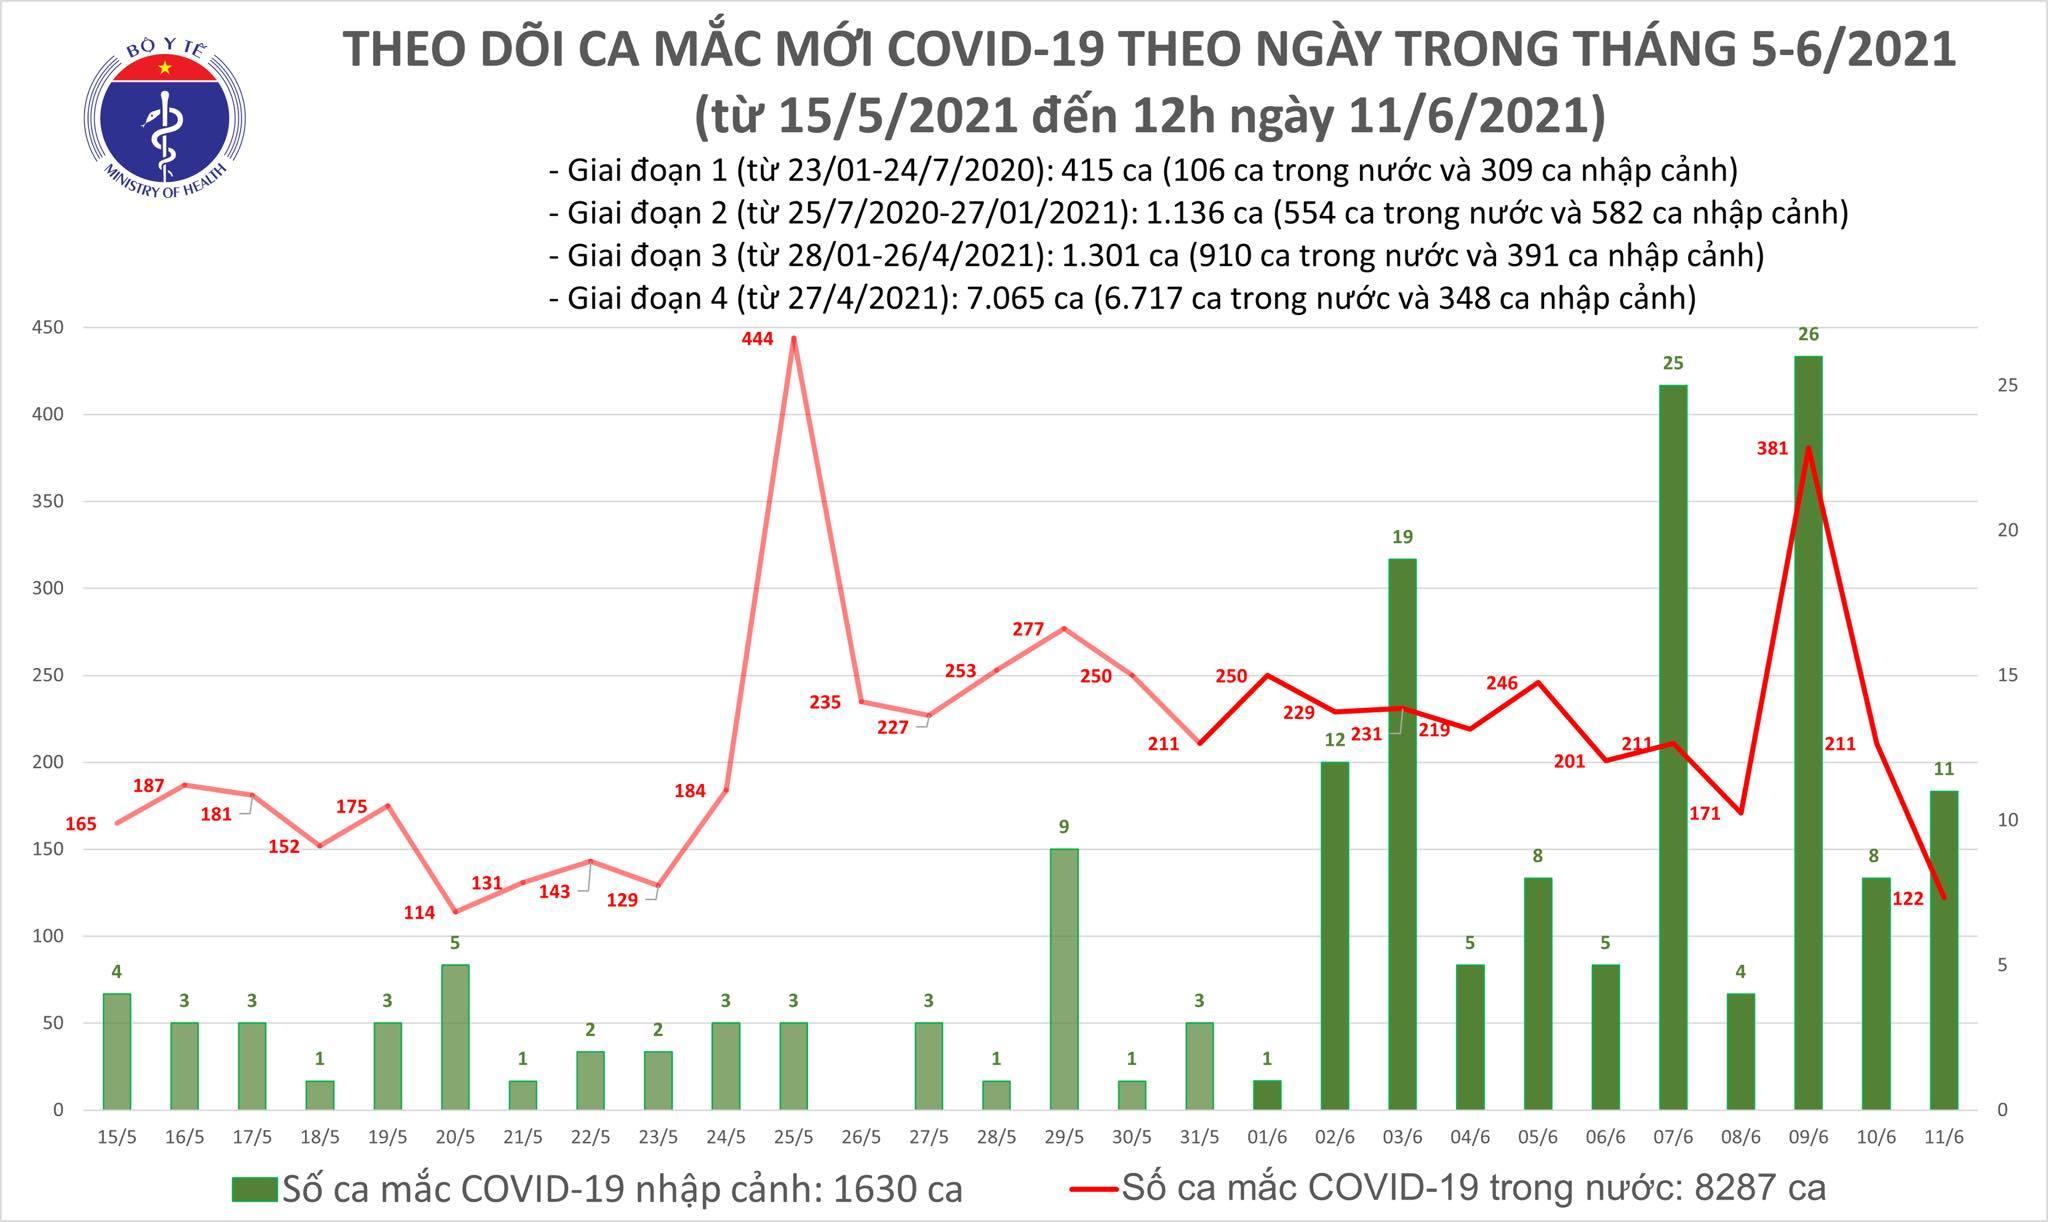 Trưa 11/6 công bố 82 ca Covid-19, Hà Nội thêm 5 trường hợp